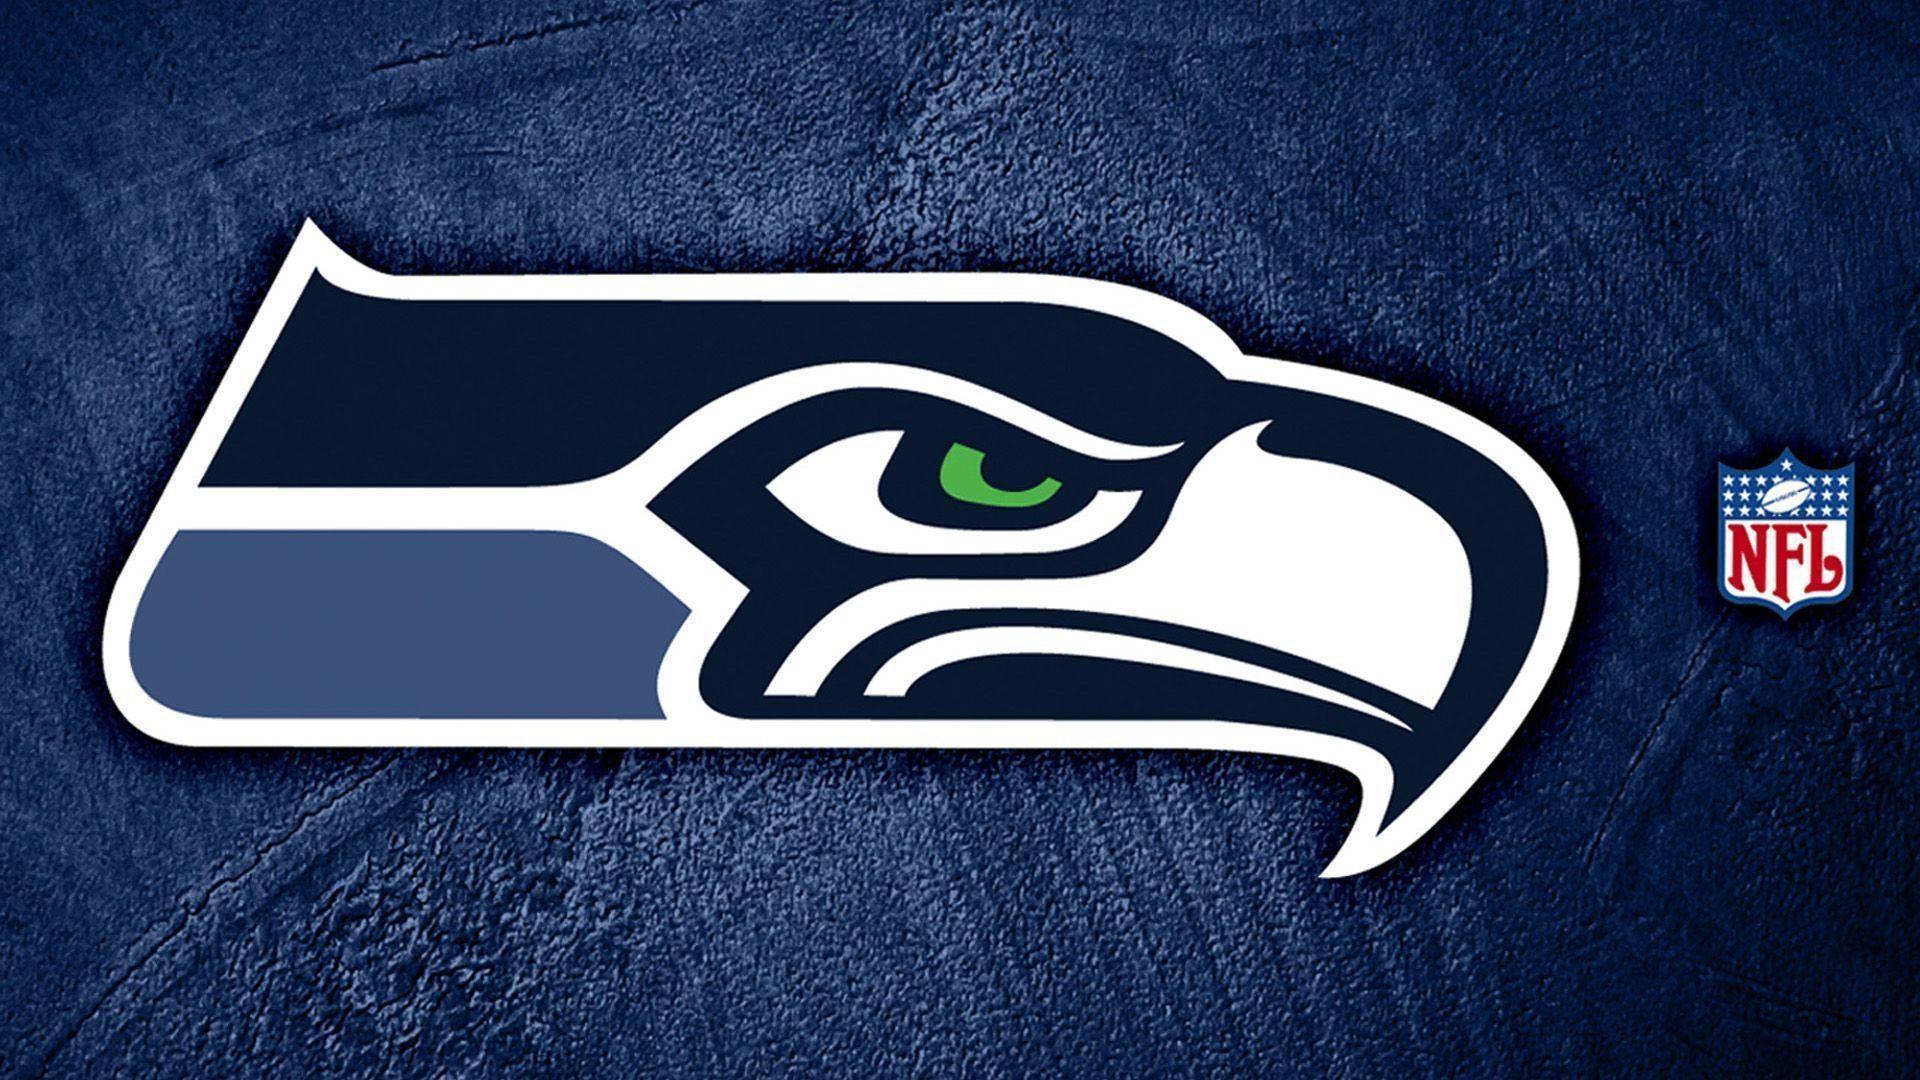 Logo NFL Team Seattle Seahawks Wallpaper Wides #12410 Wallpaper .